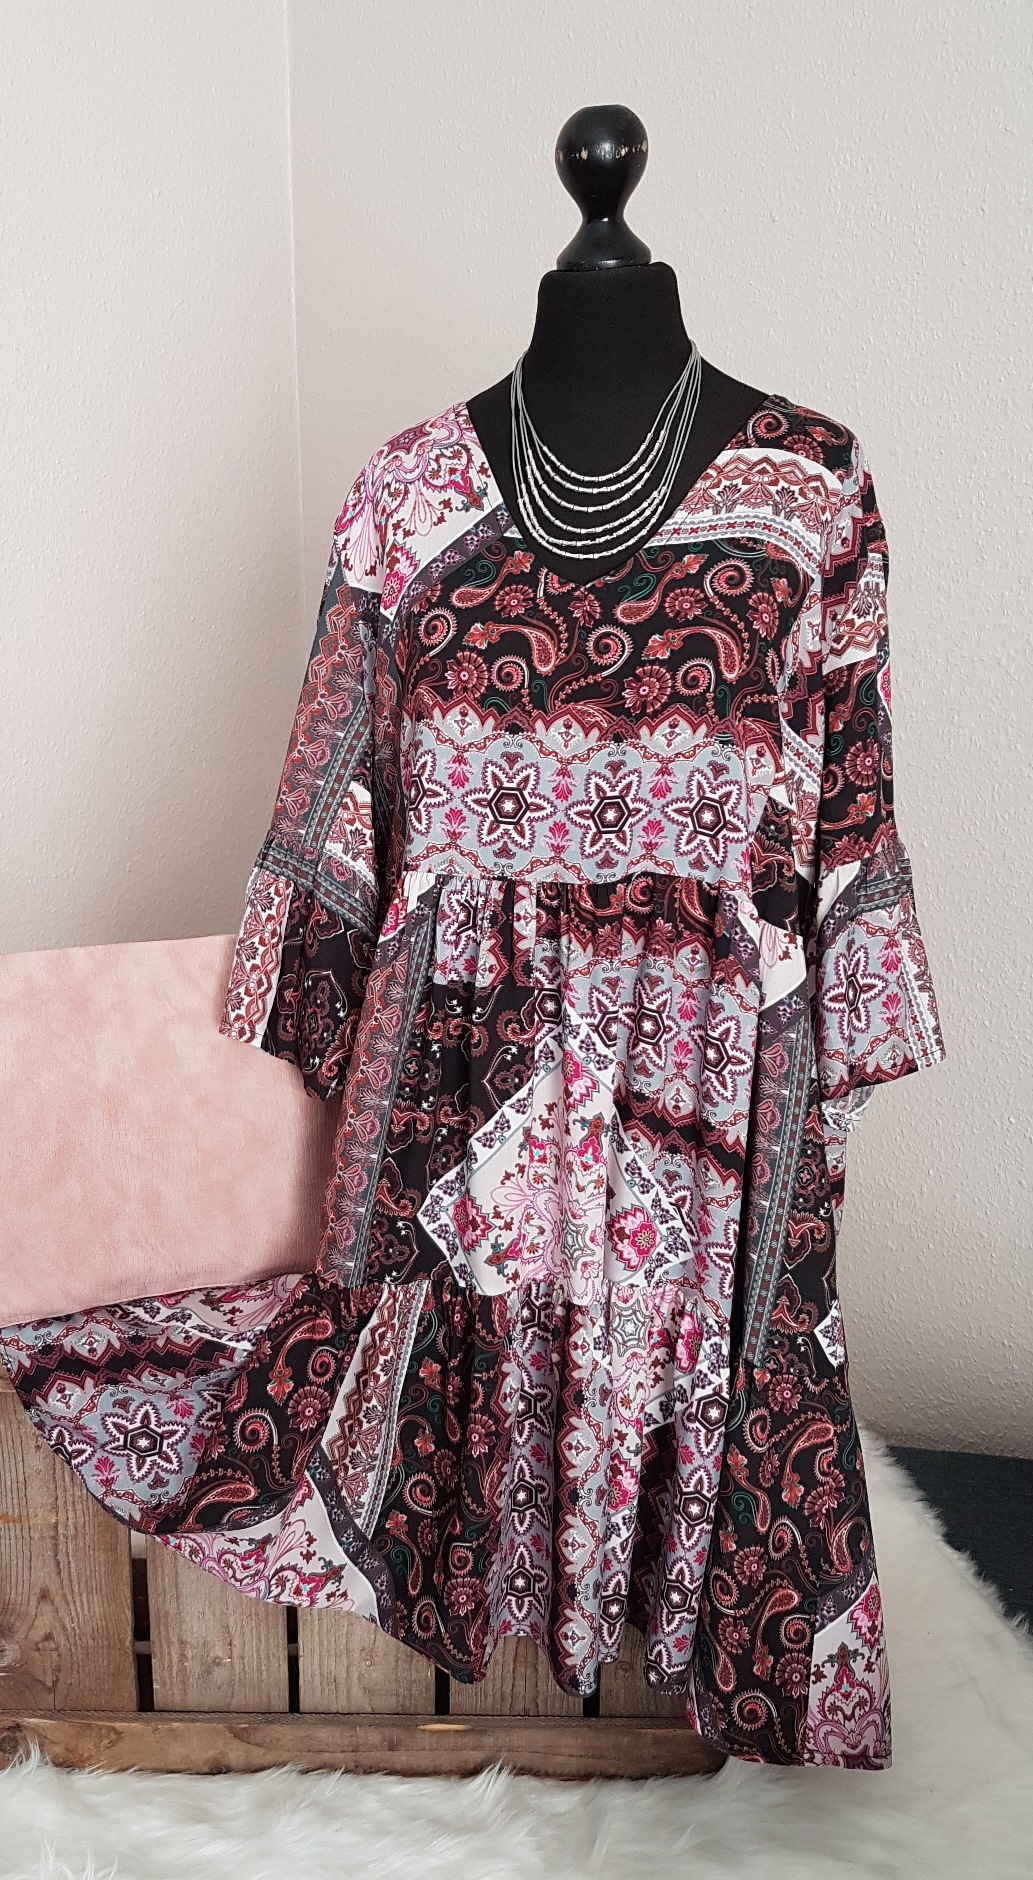 Leichtes oversize Hängerchen-Kleid / Long-Tunika - mit Paisleymuster -  flieder / schwarz - Einheitsgröße (passend von 11 - 11)